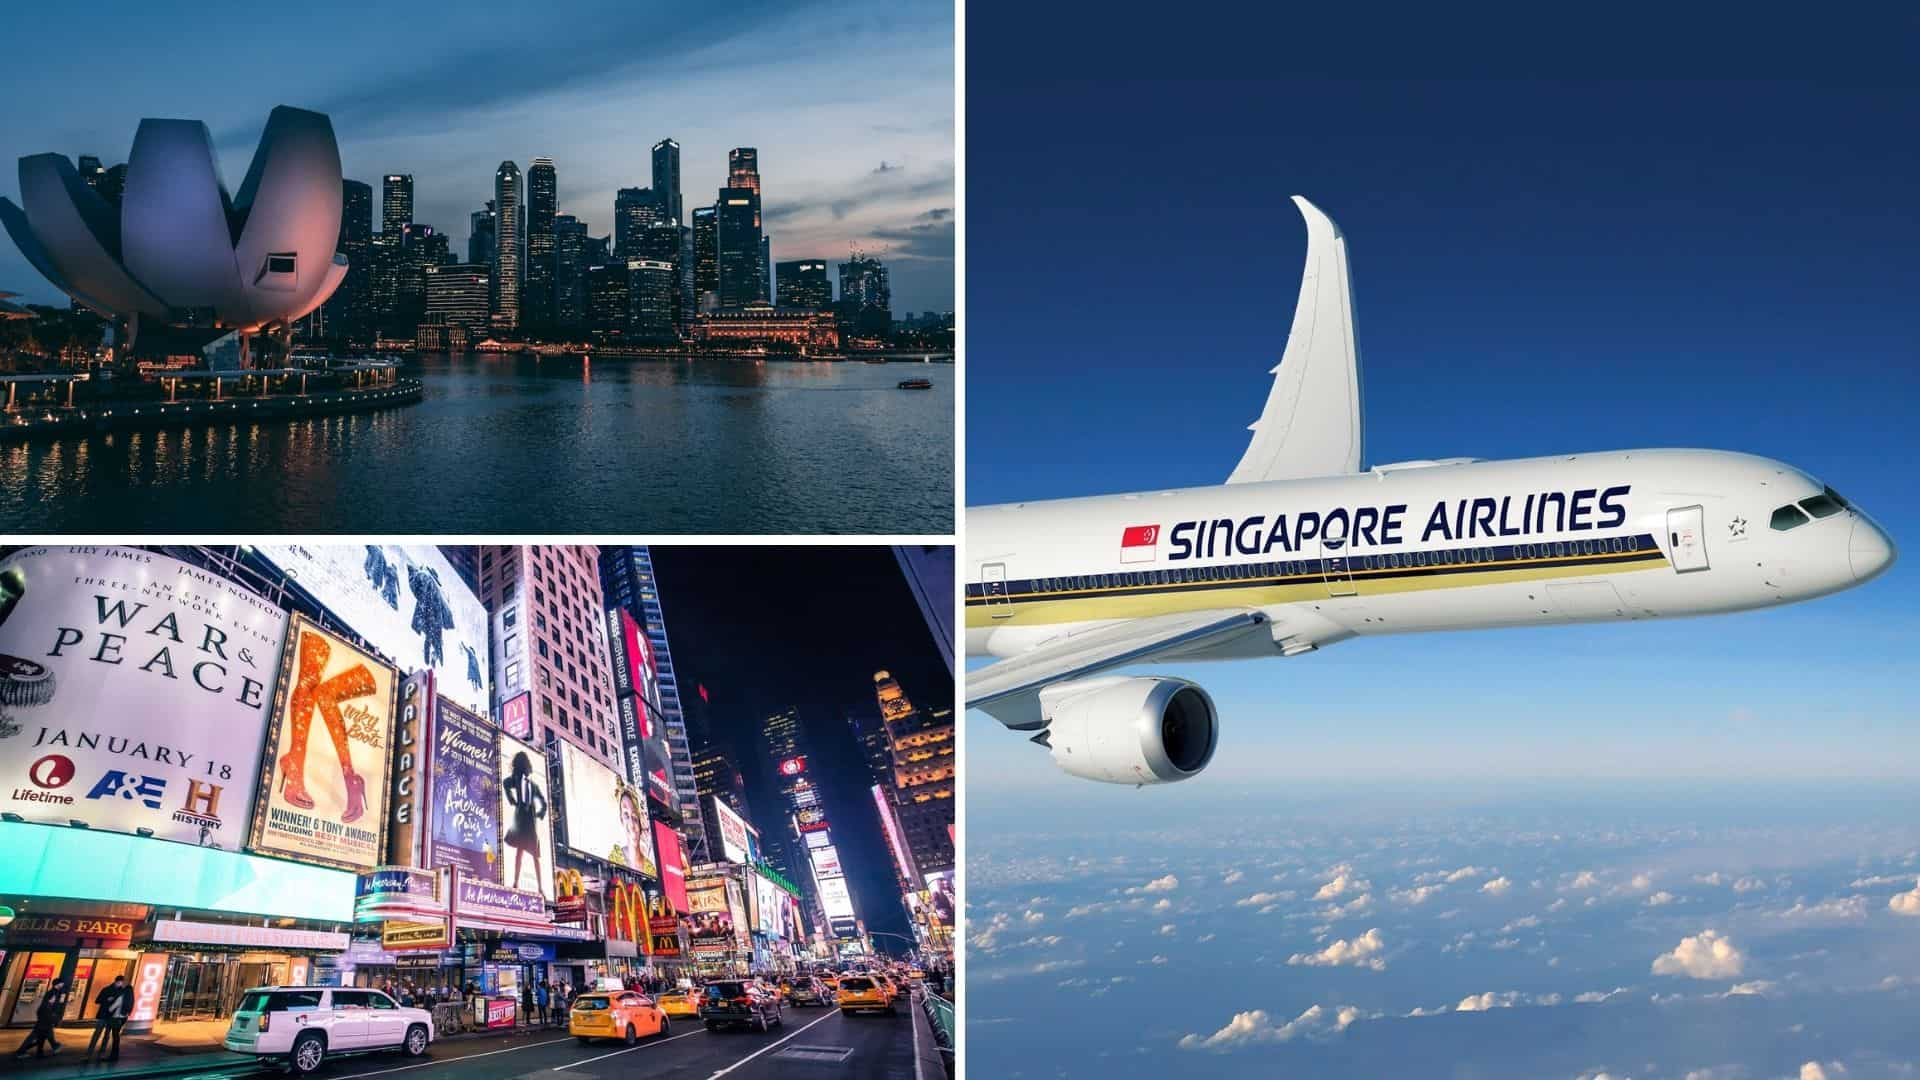 Singapore Airlines inicia sus vuelos sin escala entre Singapur y Nueva York a partir de Noviembre